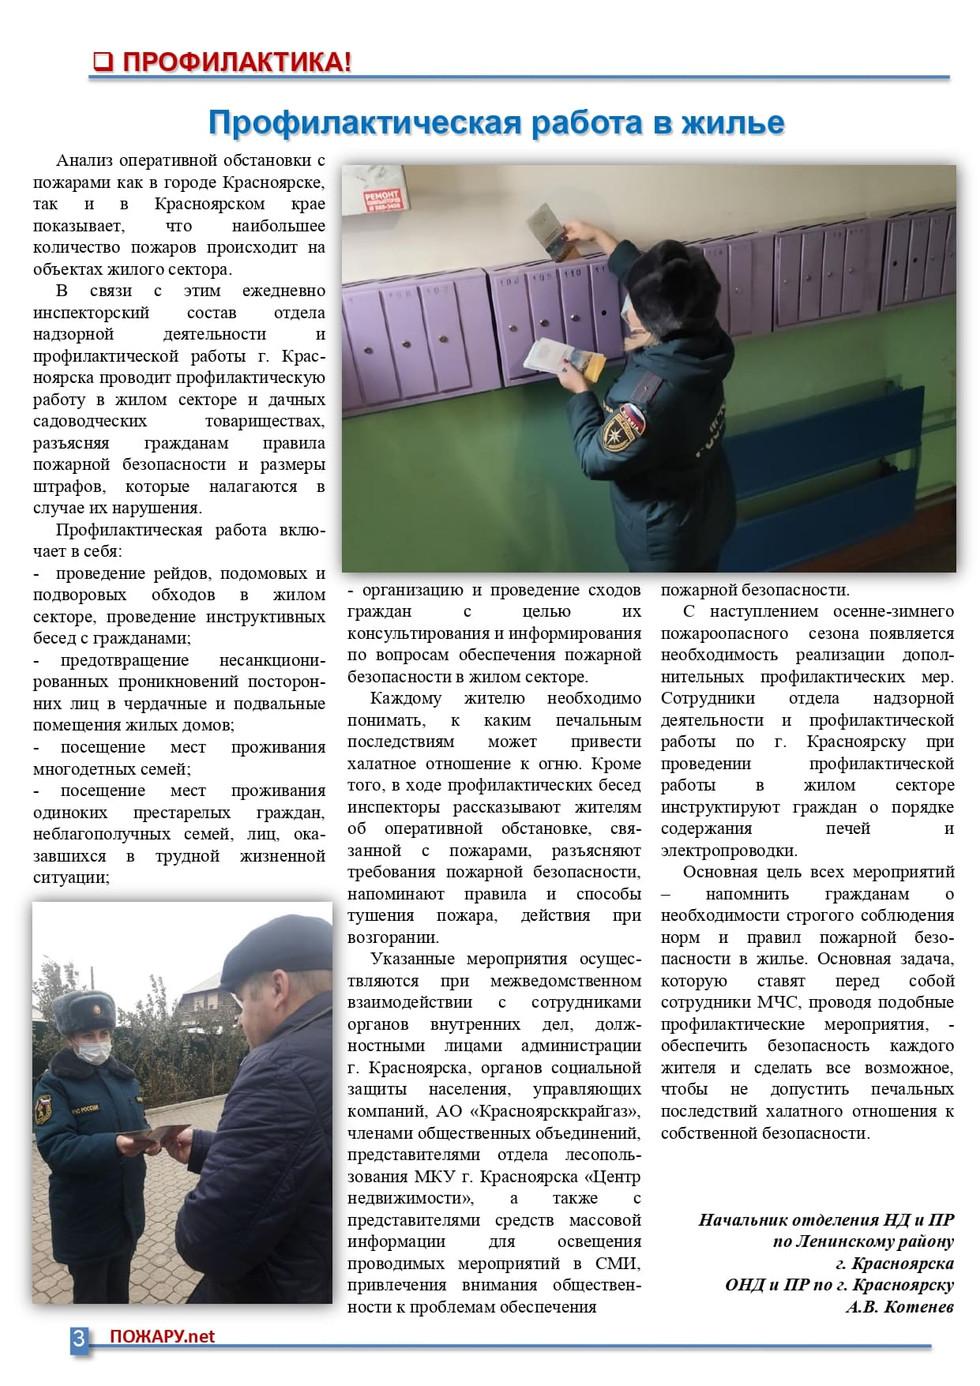 Бюллетень ПОЖАРУ.нет ноябрь № 11(85)_pag